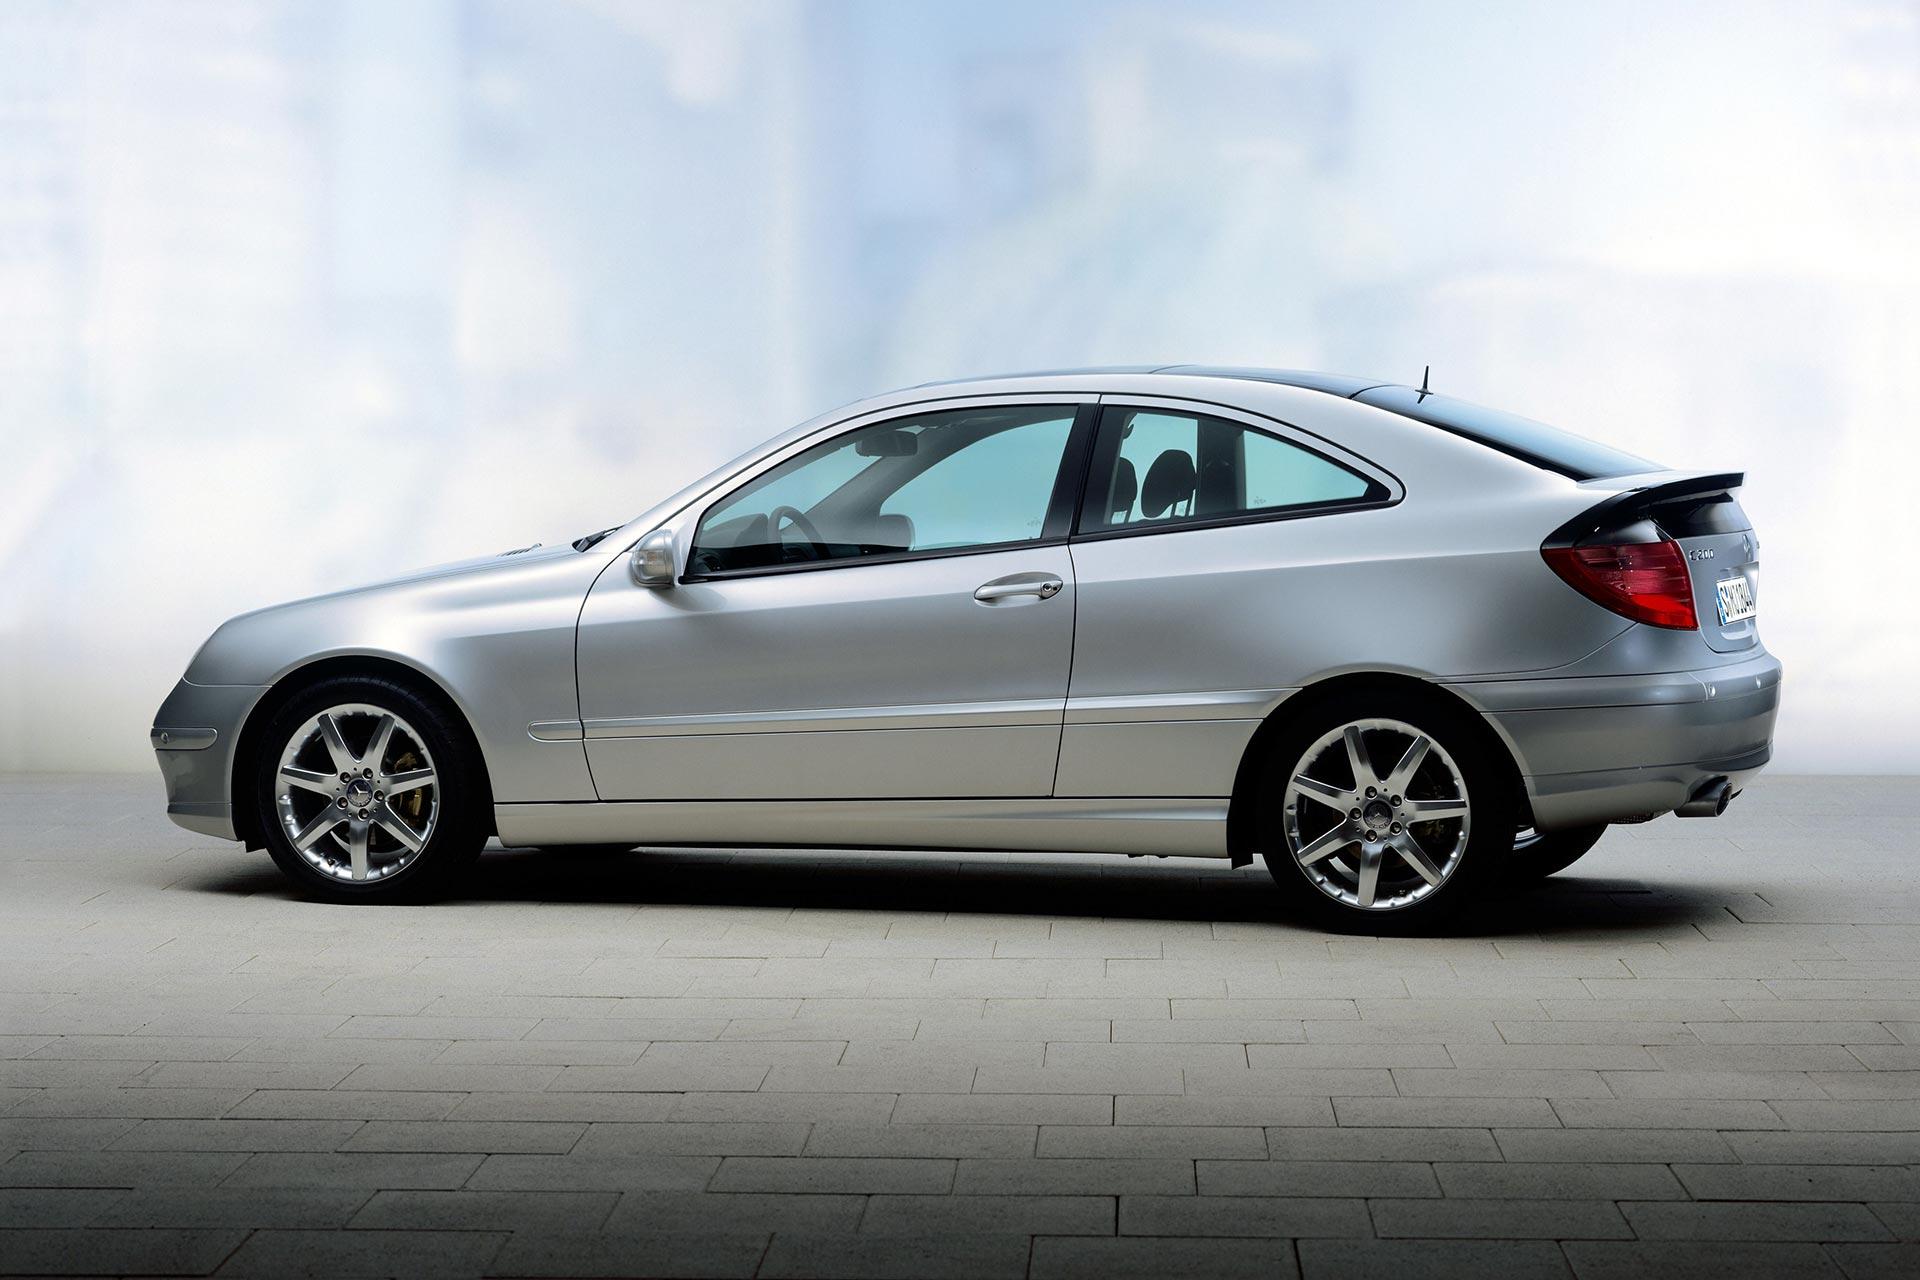 Mercedes-Benz C-Klasse Sportcoupé der Baureihe 203 (Produktionszeitraum 2000 bis 2011 – ab 2008 als CLC). Studioaufnahme von links.